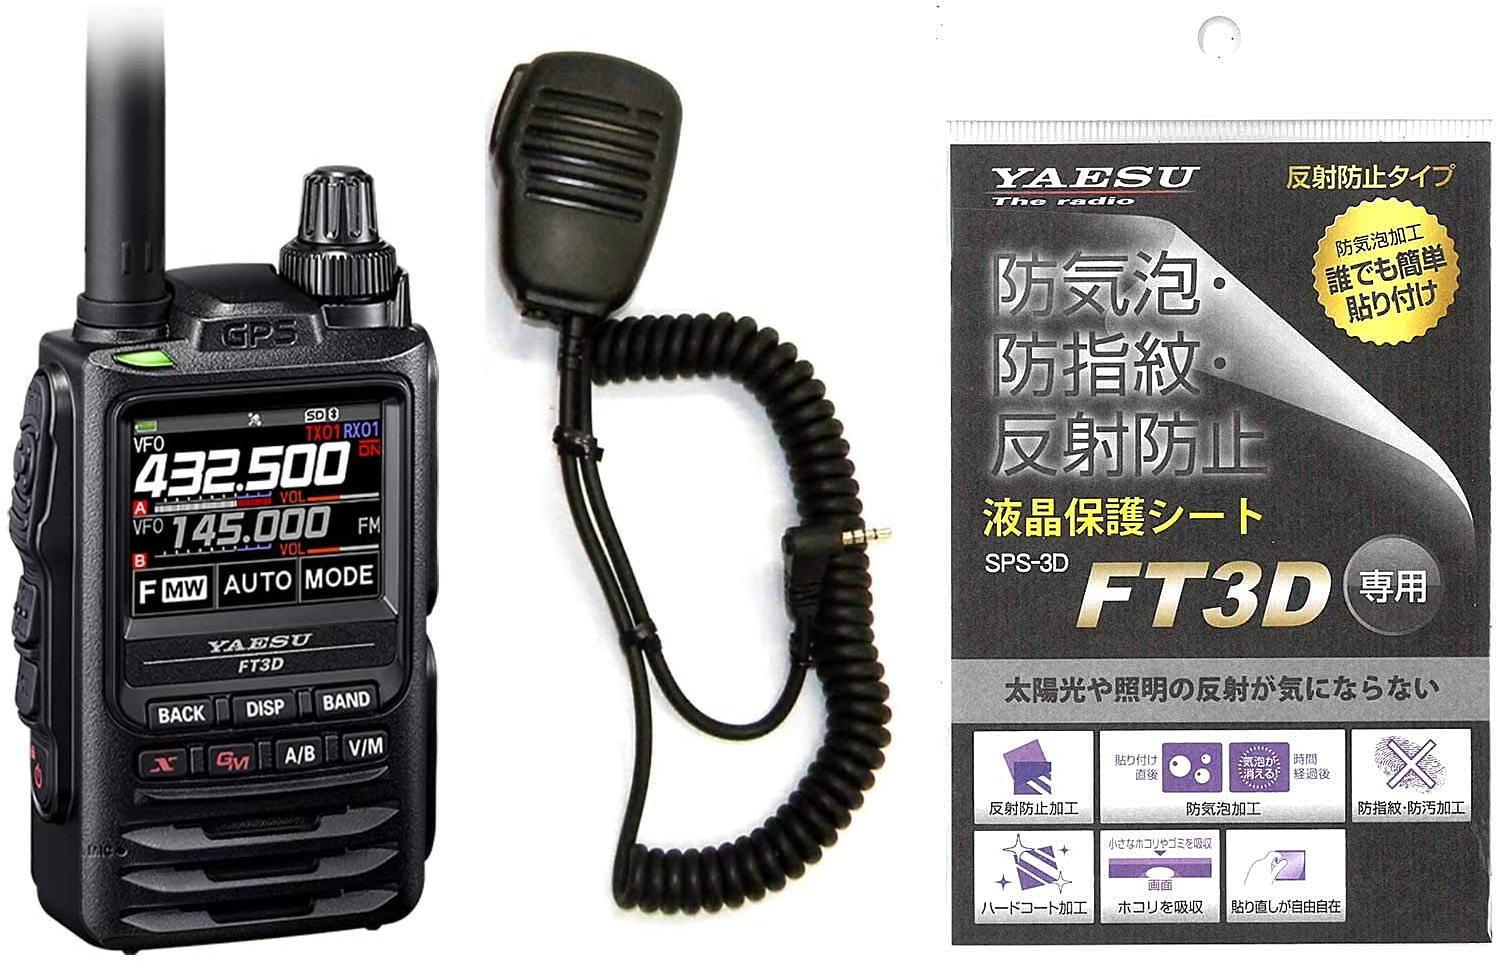 最新デュアルバンドデジタルトランシーバーセット YAESU FT3DC4FM FM 144 430MHz帯 限定価格セール スピーカーマイク 液晶保護シート デュアルバンドデジタルハンディトランシーバー マーケット